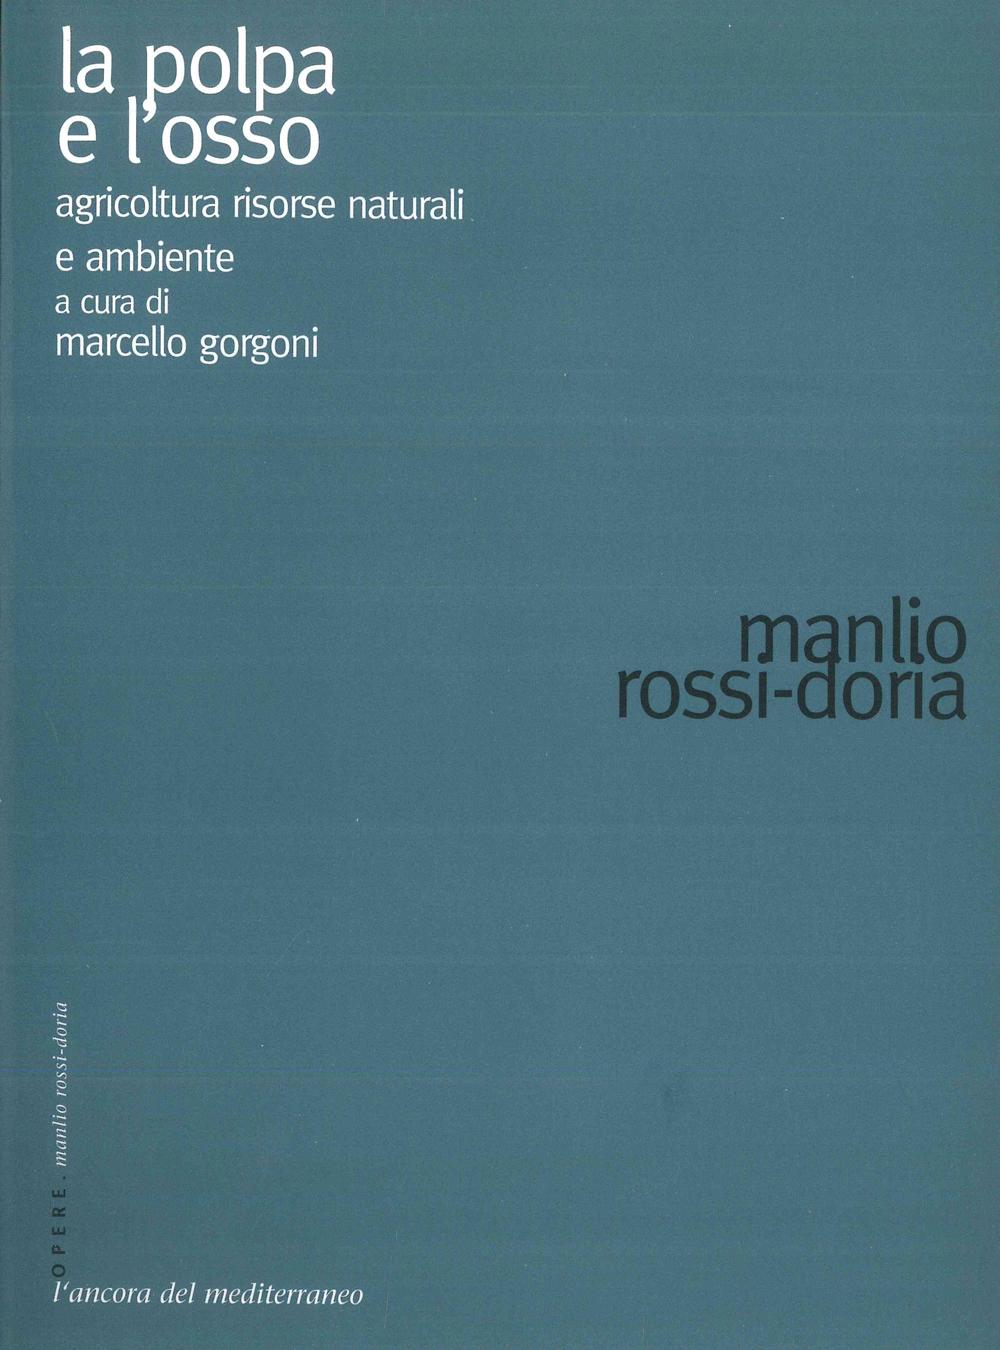 La polpa e l'osso. Scritti su agricoltura, risorse naturali e ambiente - Scritti Manlio Rossi-Doria